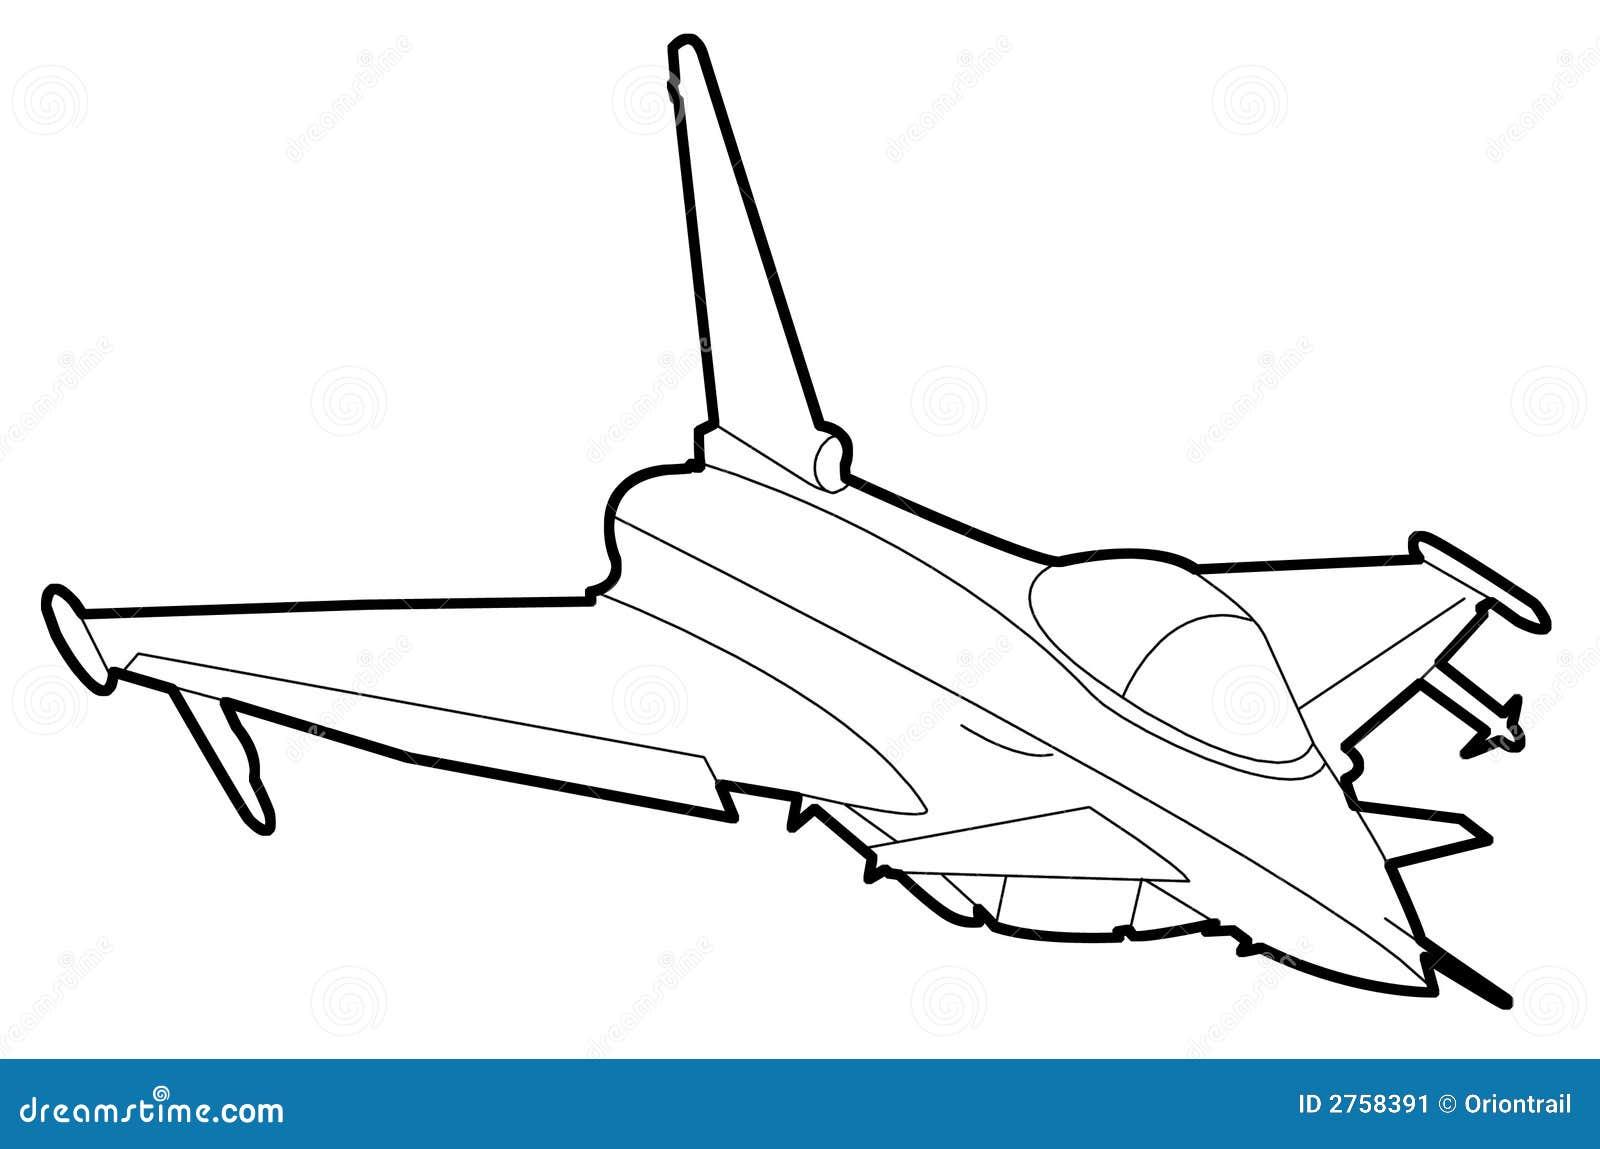 Aircraft Drawing 2 Stock Image - Image: 2758391